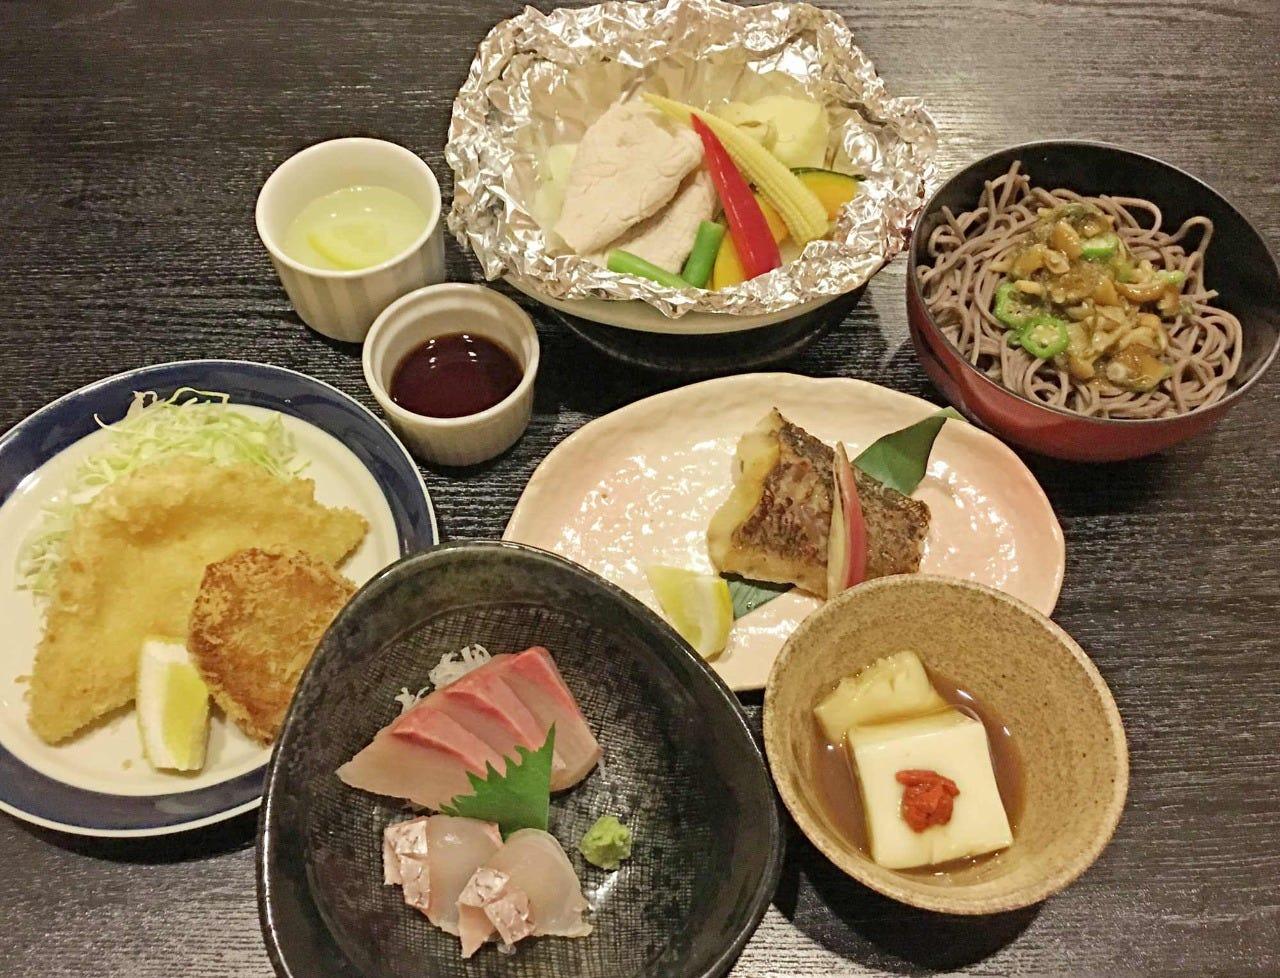 《お料理のみ》ひよこコース<全7品>3,300円(税込)